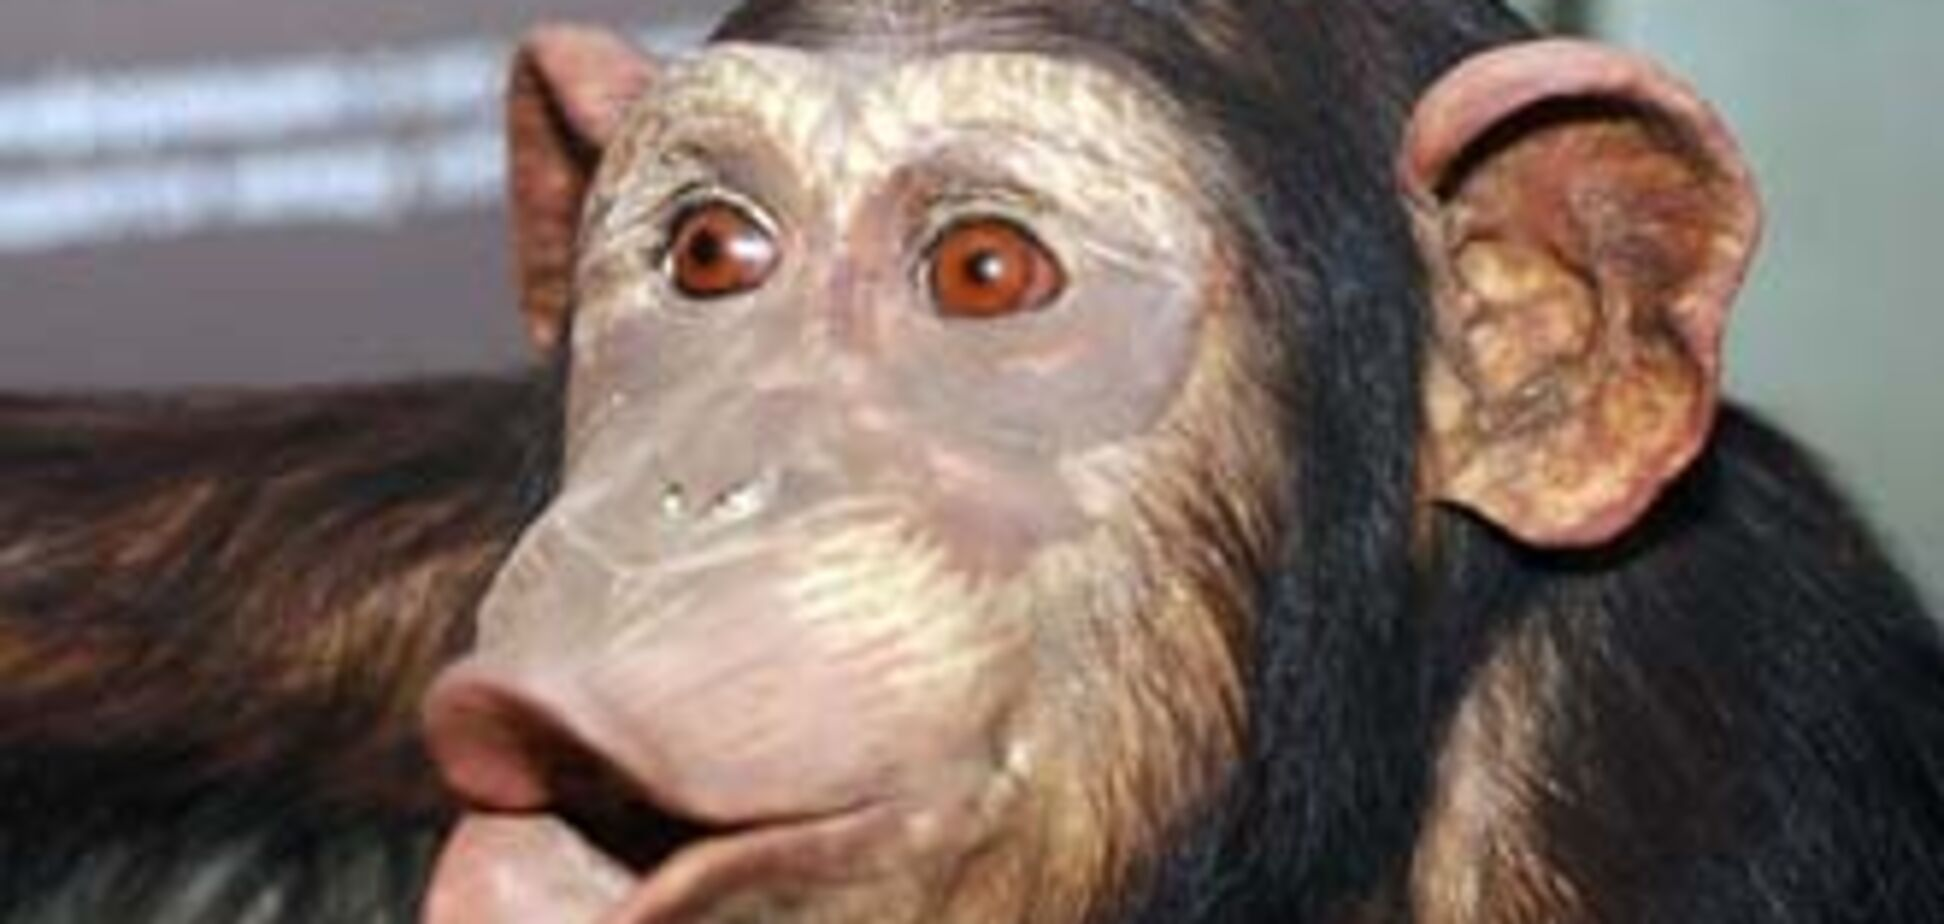 Член виборчкому обізвав журналіста 'мавпою'